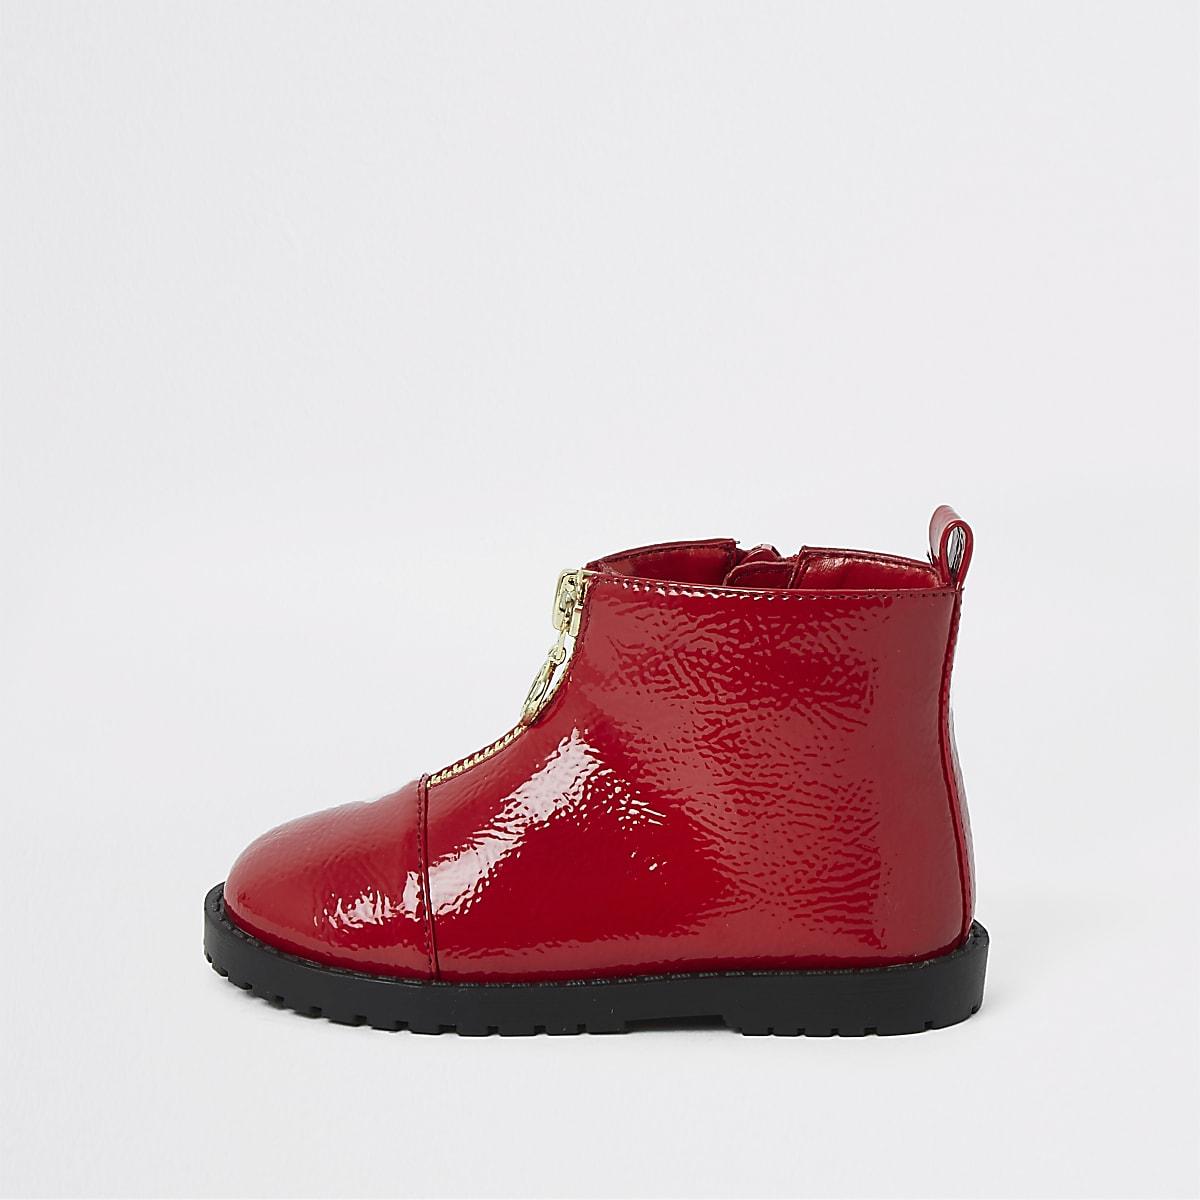 Mini - Rode lakleren laarzen voor meisjes met rits voor